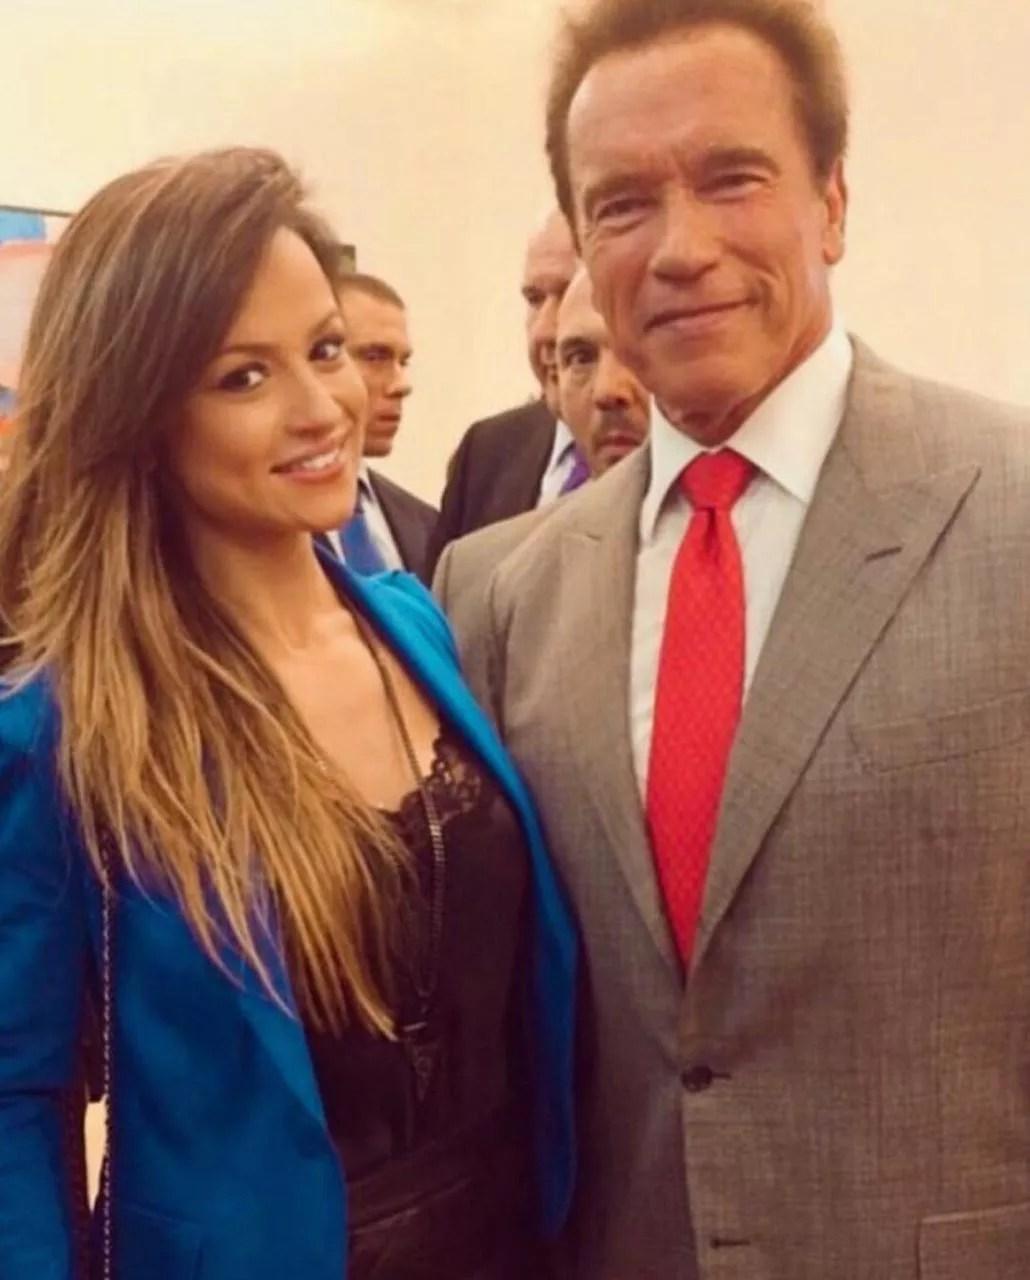 Alice Matos e Arnold Schwarzenegger (Foto: Reprodução: Instagram)